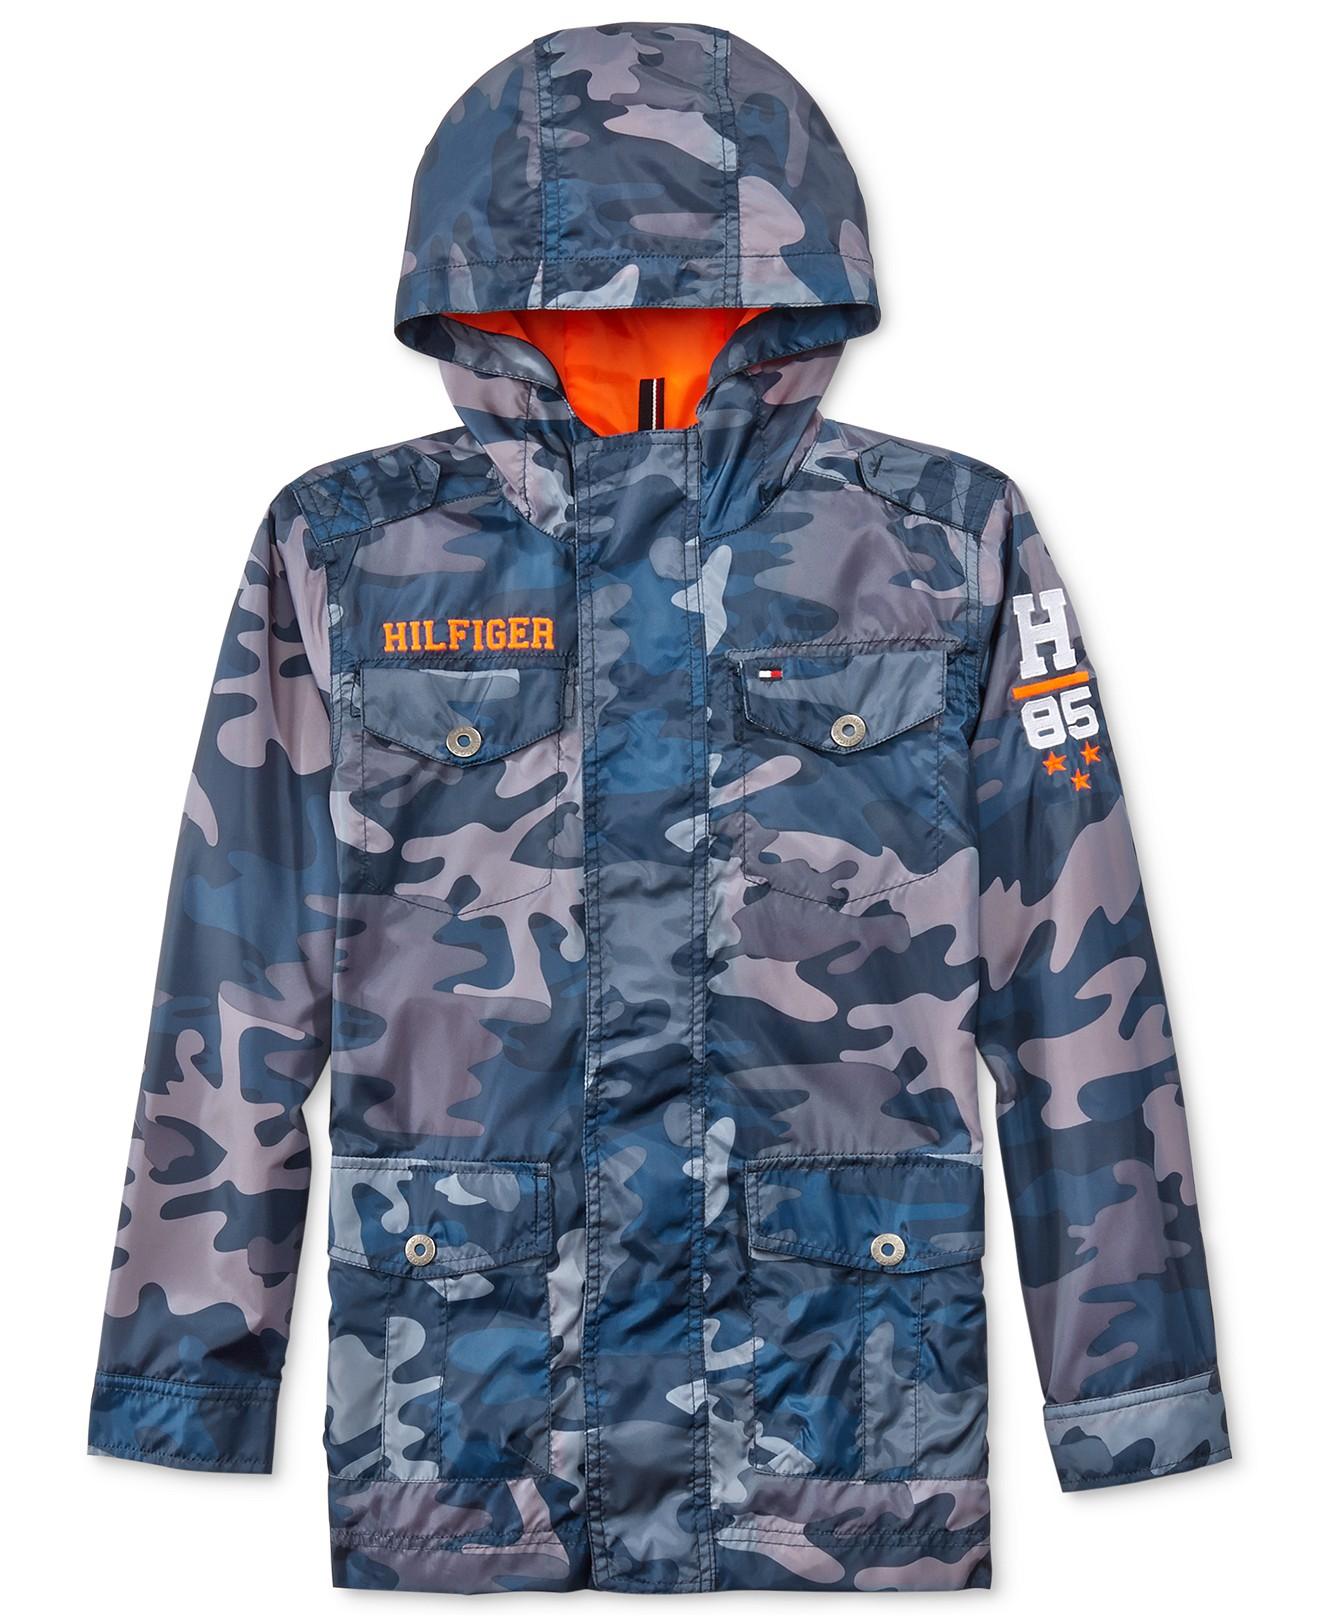 детская куртка Tommy hilfiger  2015 футболка детская tommy hilfiger 2015 polo ml